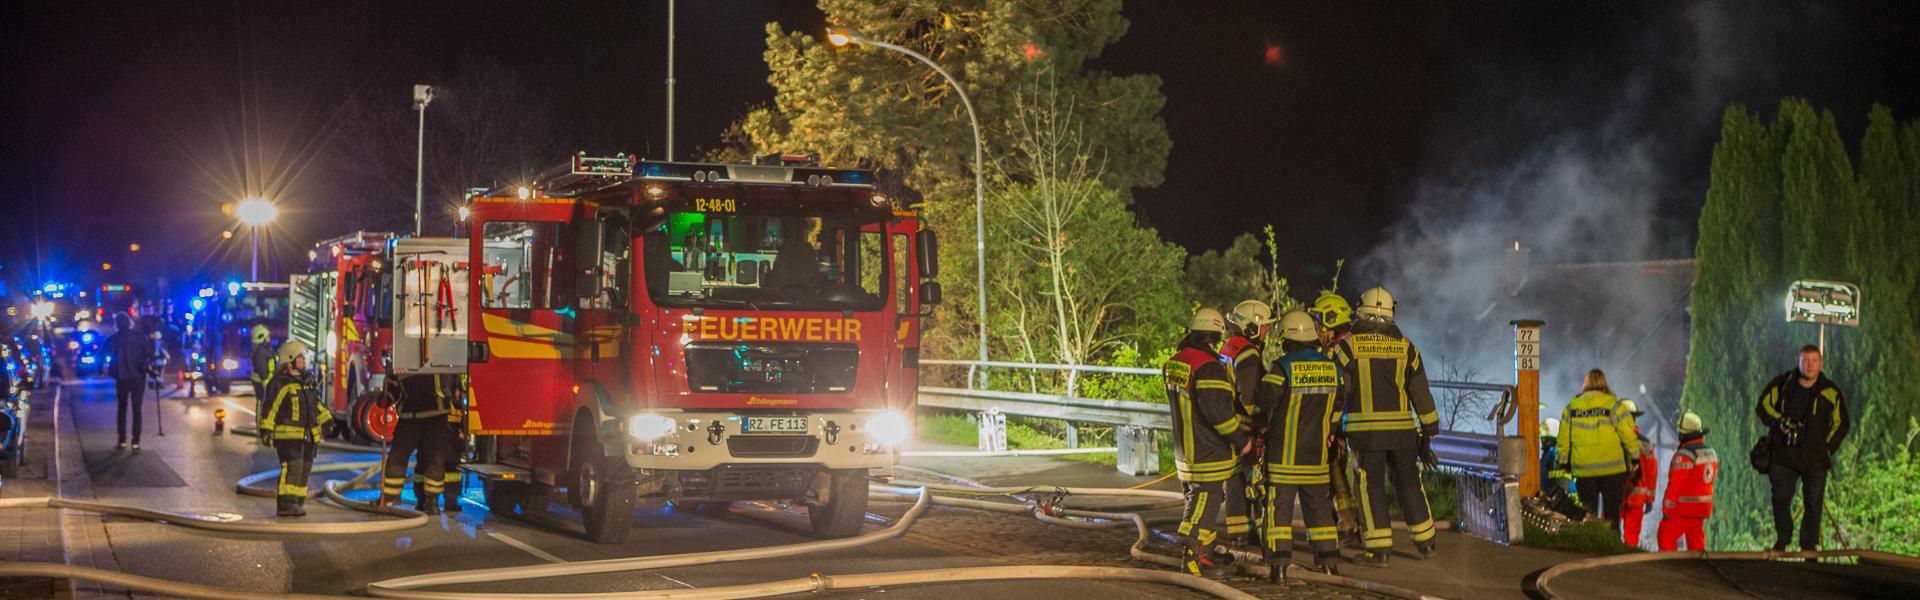 25.04.2017 – Carportbrand in Escheburg greift auf Wohnhaus über